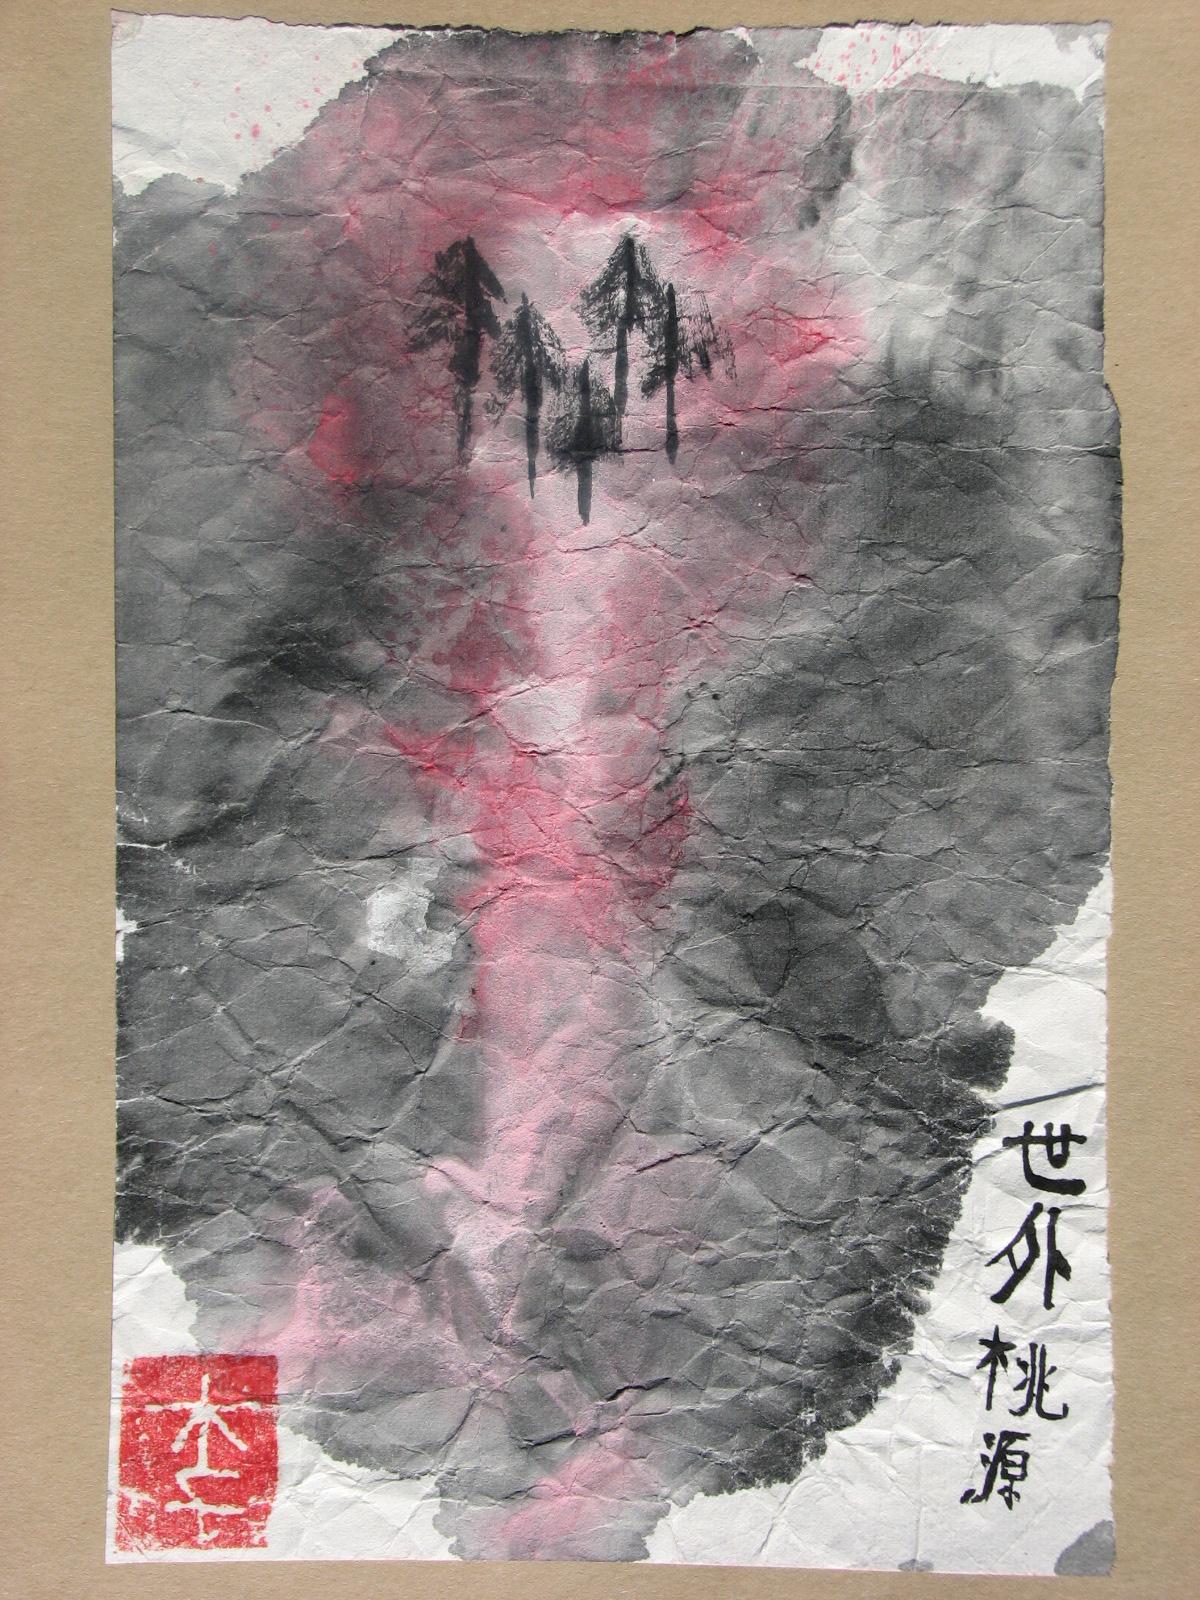 YingjiaLee.8thgrade.jpg